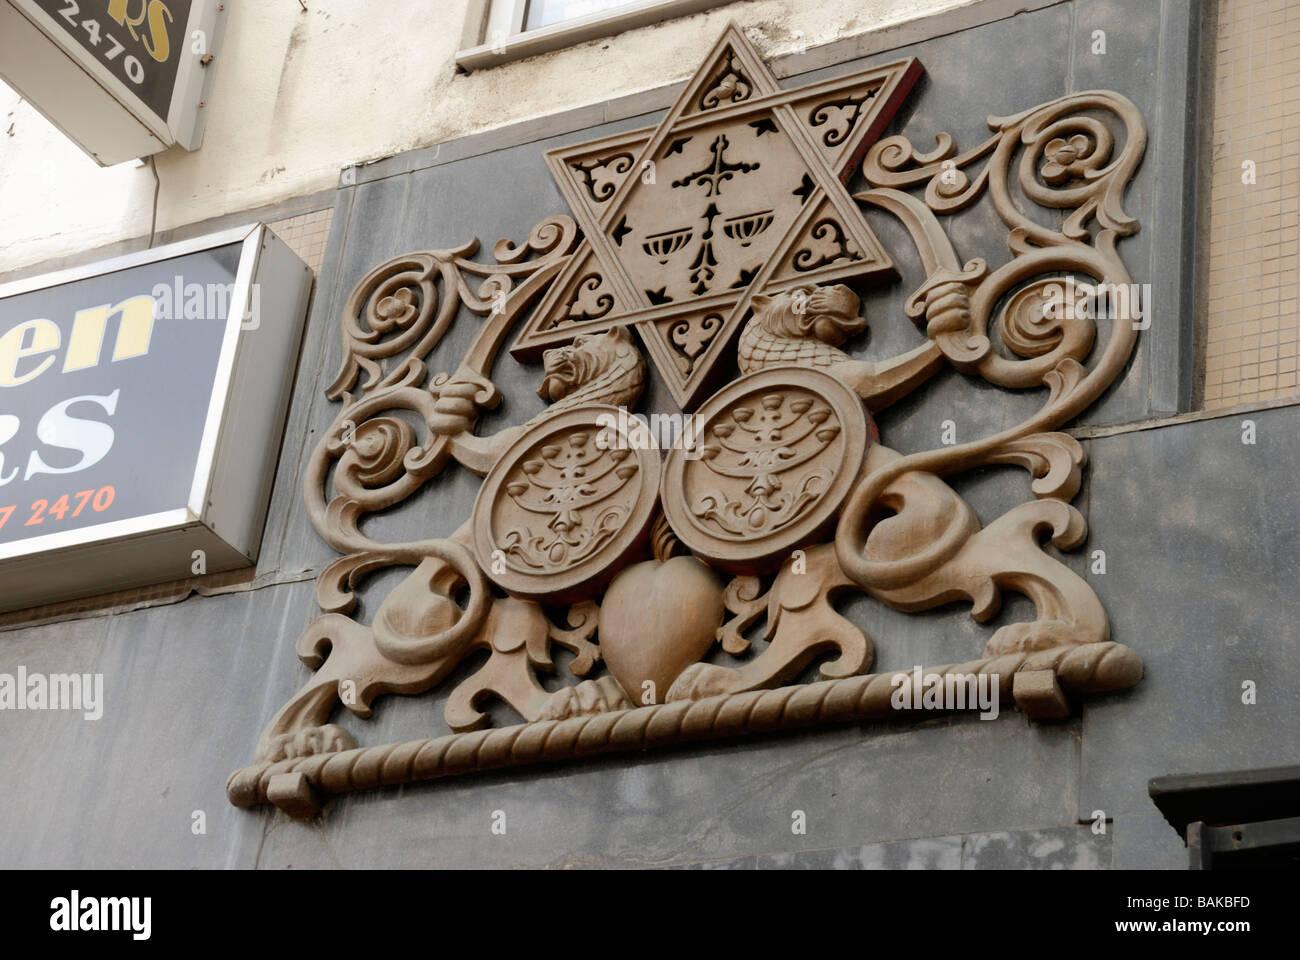 Emblem Crest Stock Photos Amp Emblem Crest Stock Images Alamy